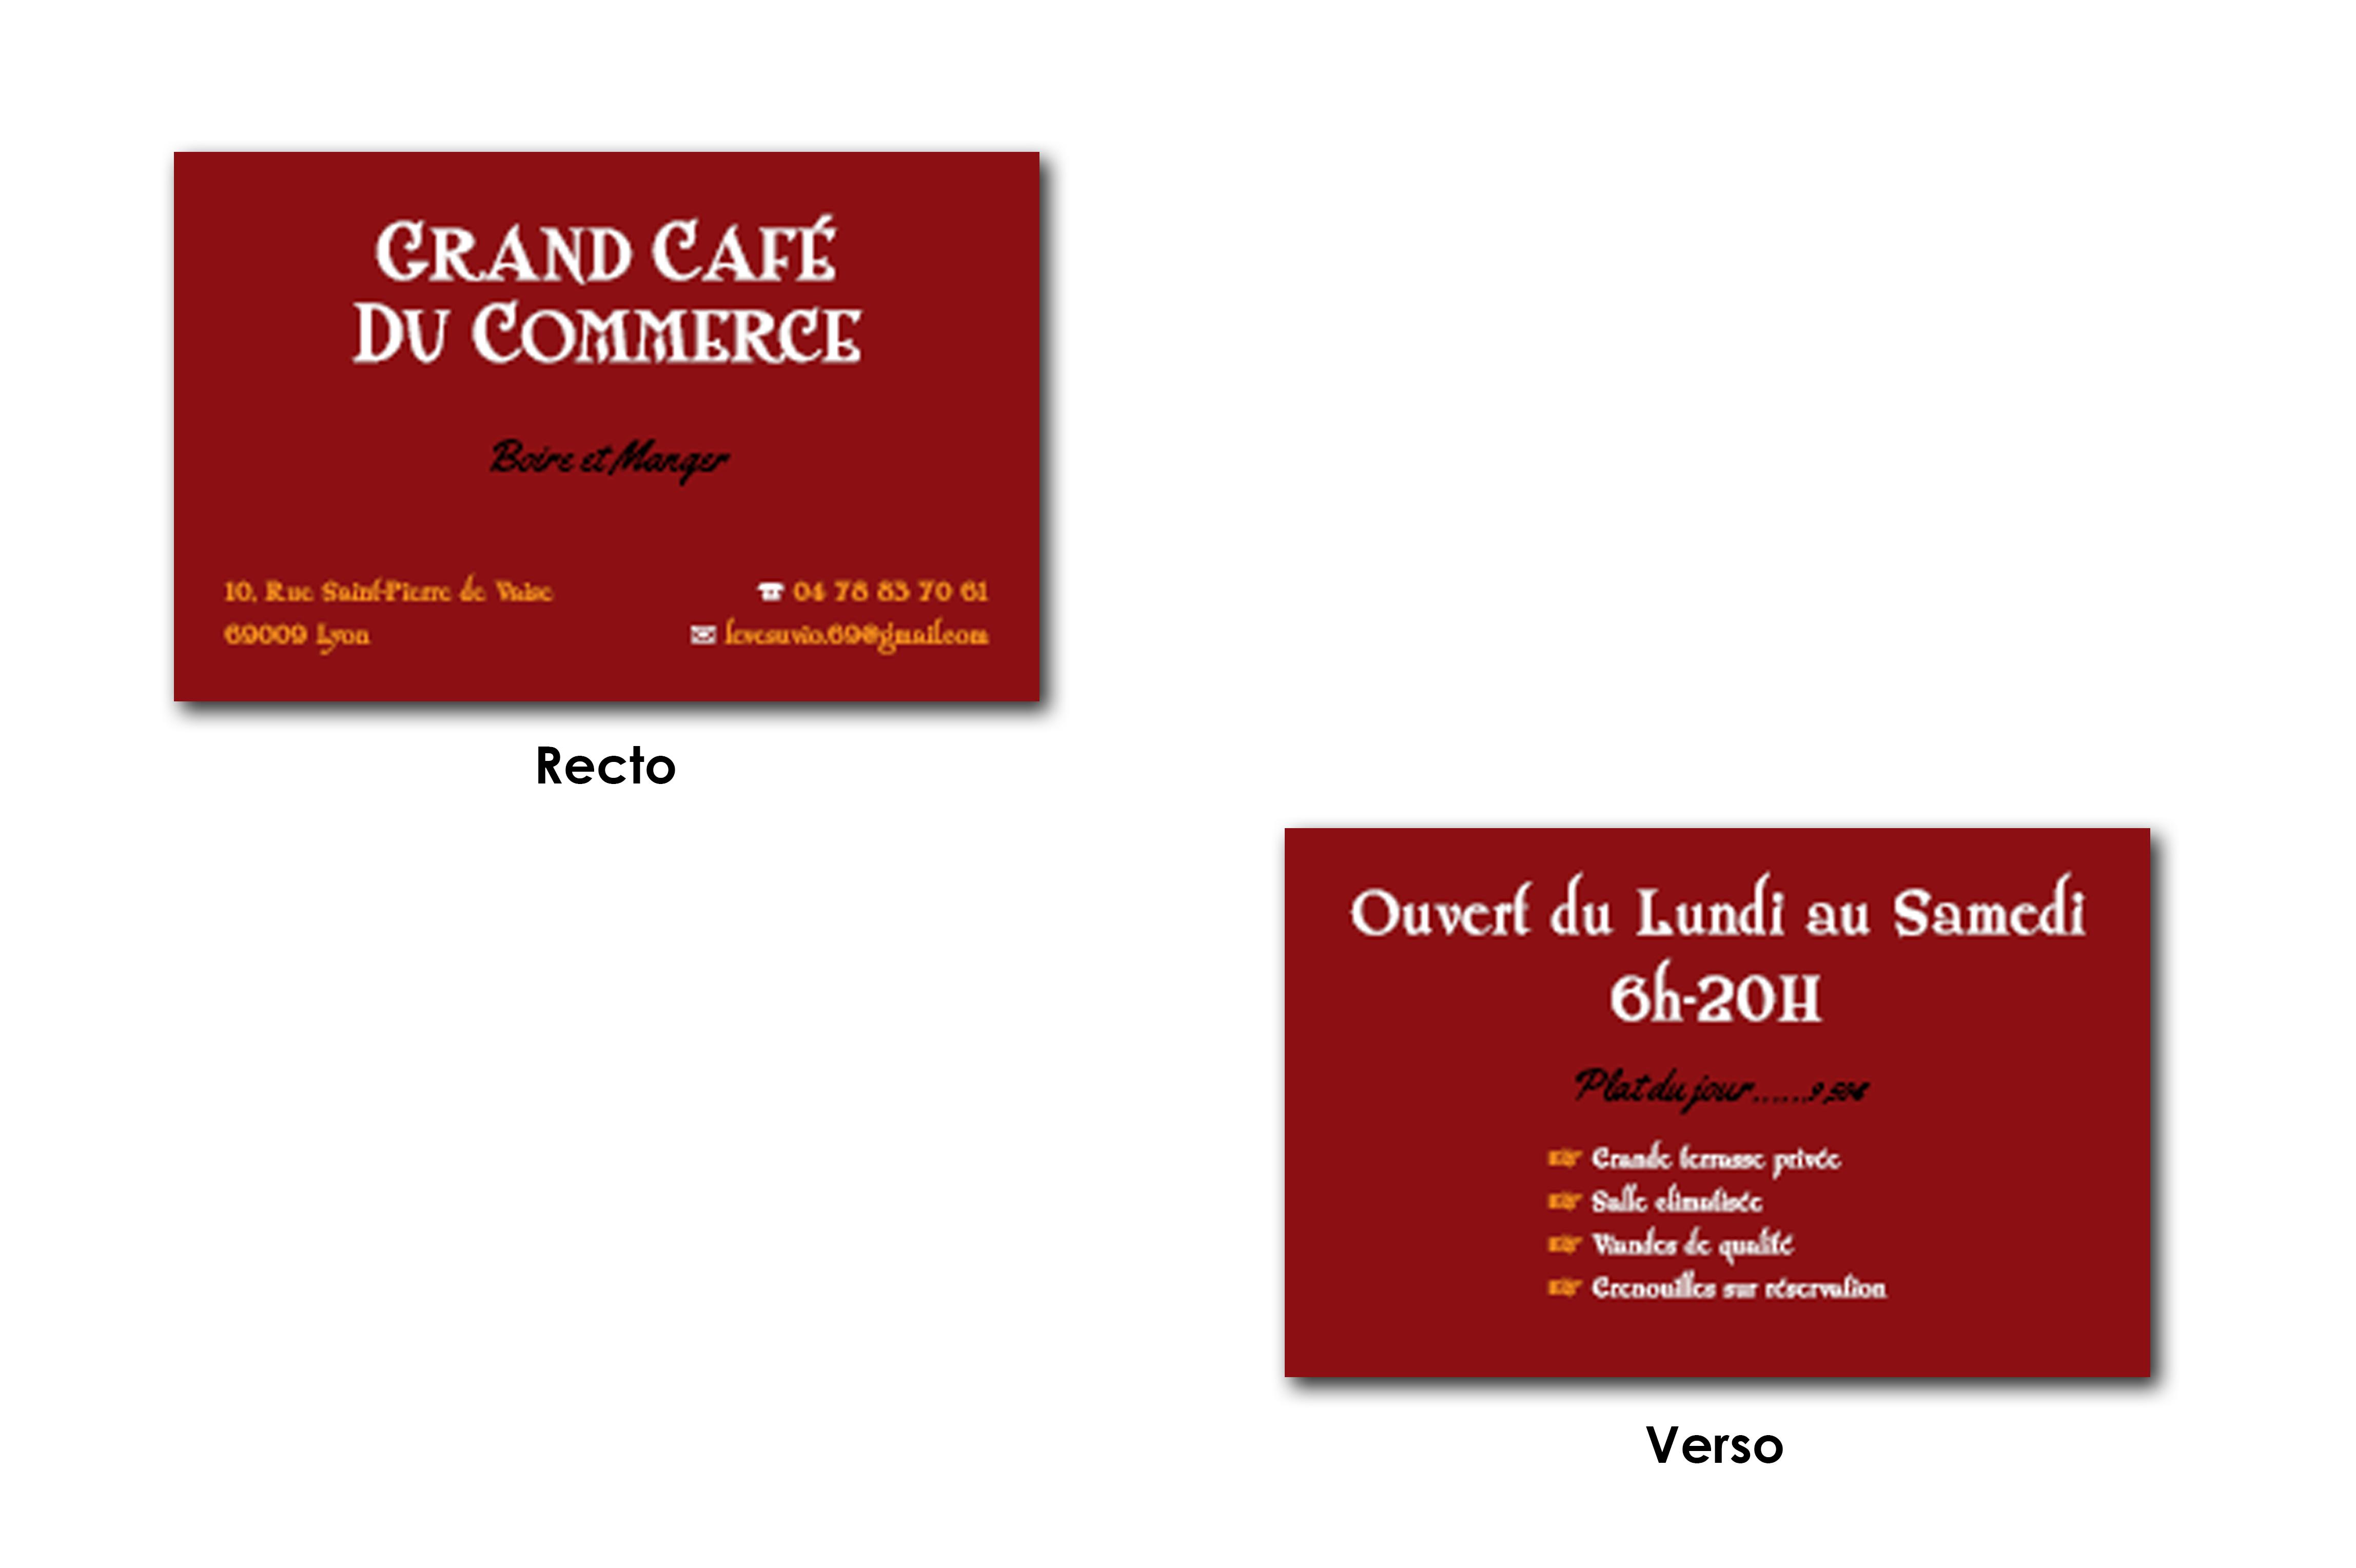 Cartes de visite-Grand Café du Commerce